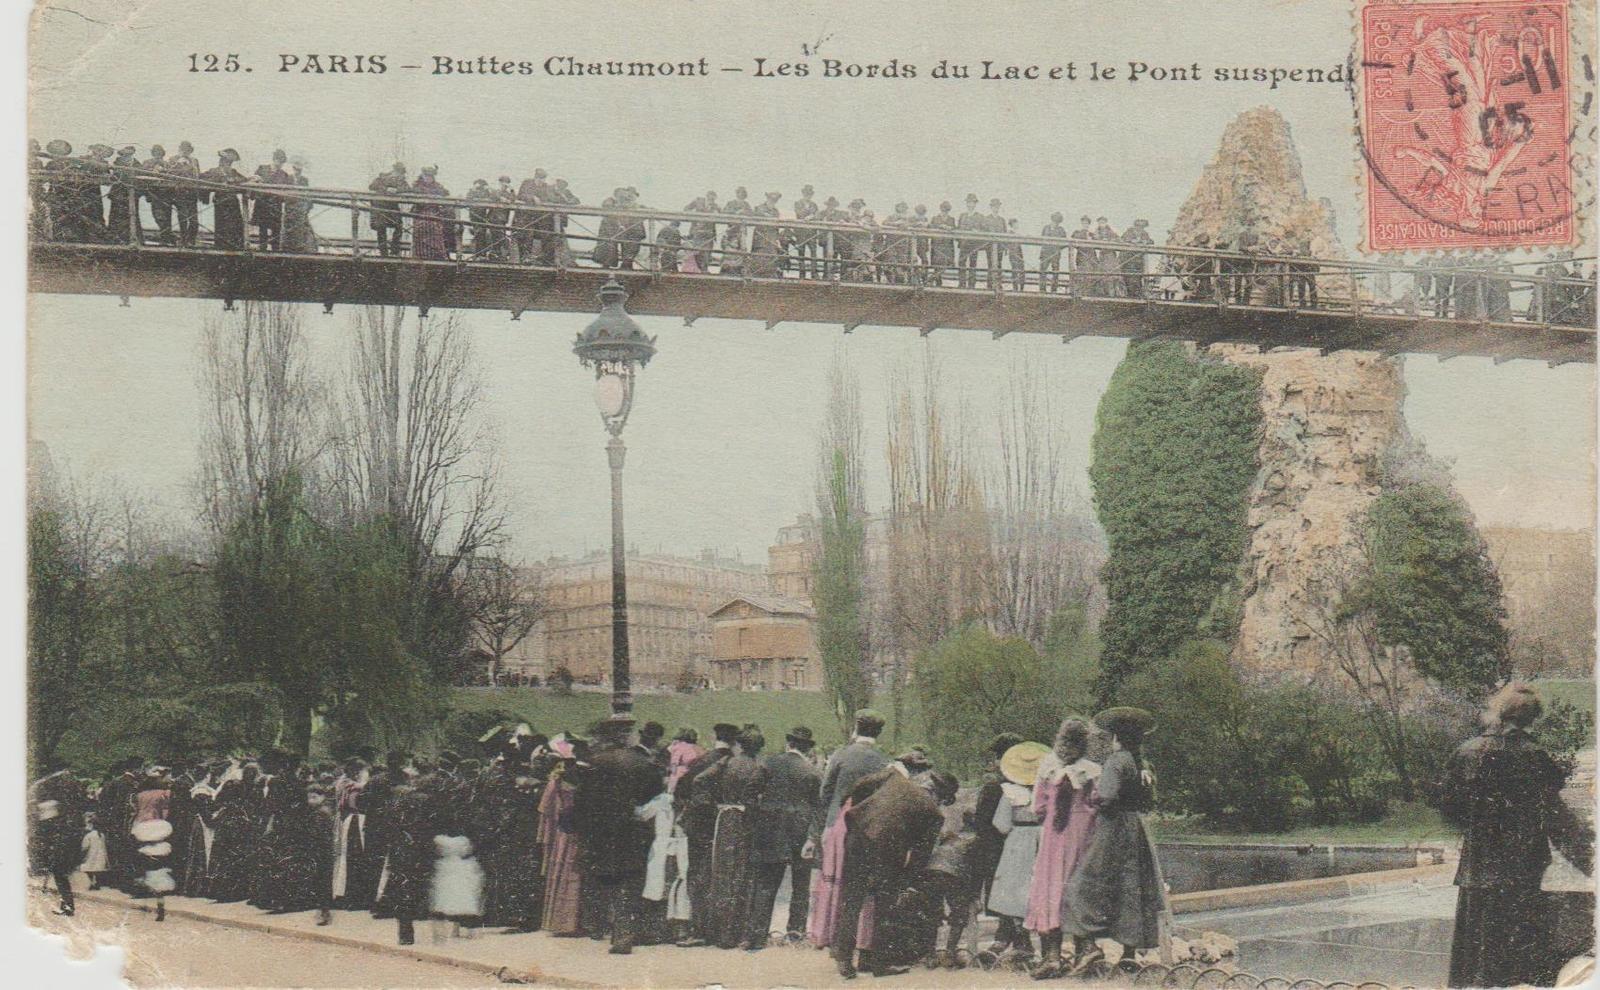 Paris - Buttes Chaumont. Les bords du Lac et le Pont suspendu.